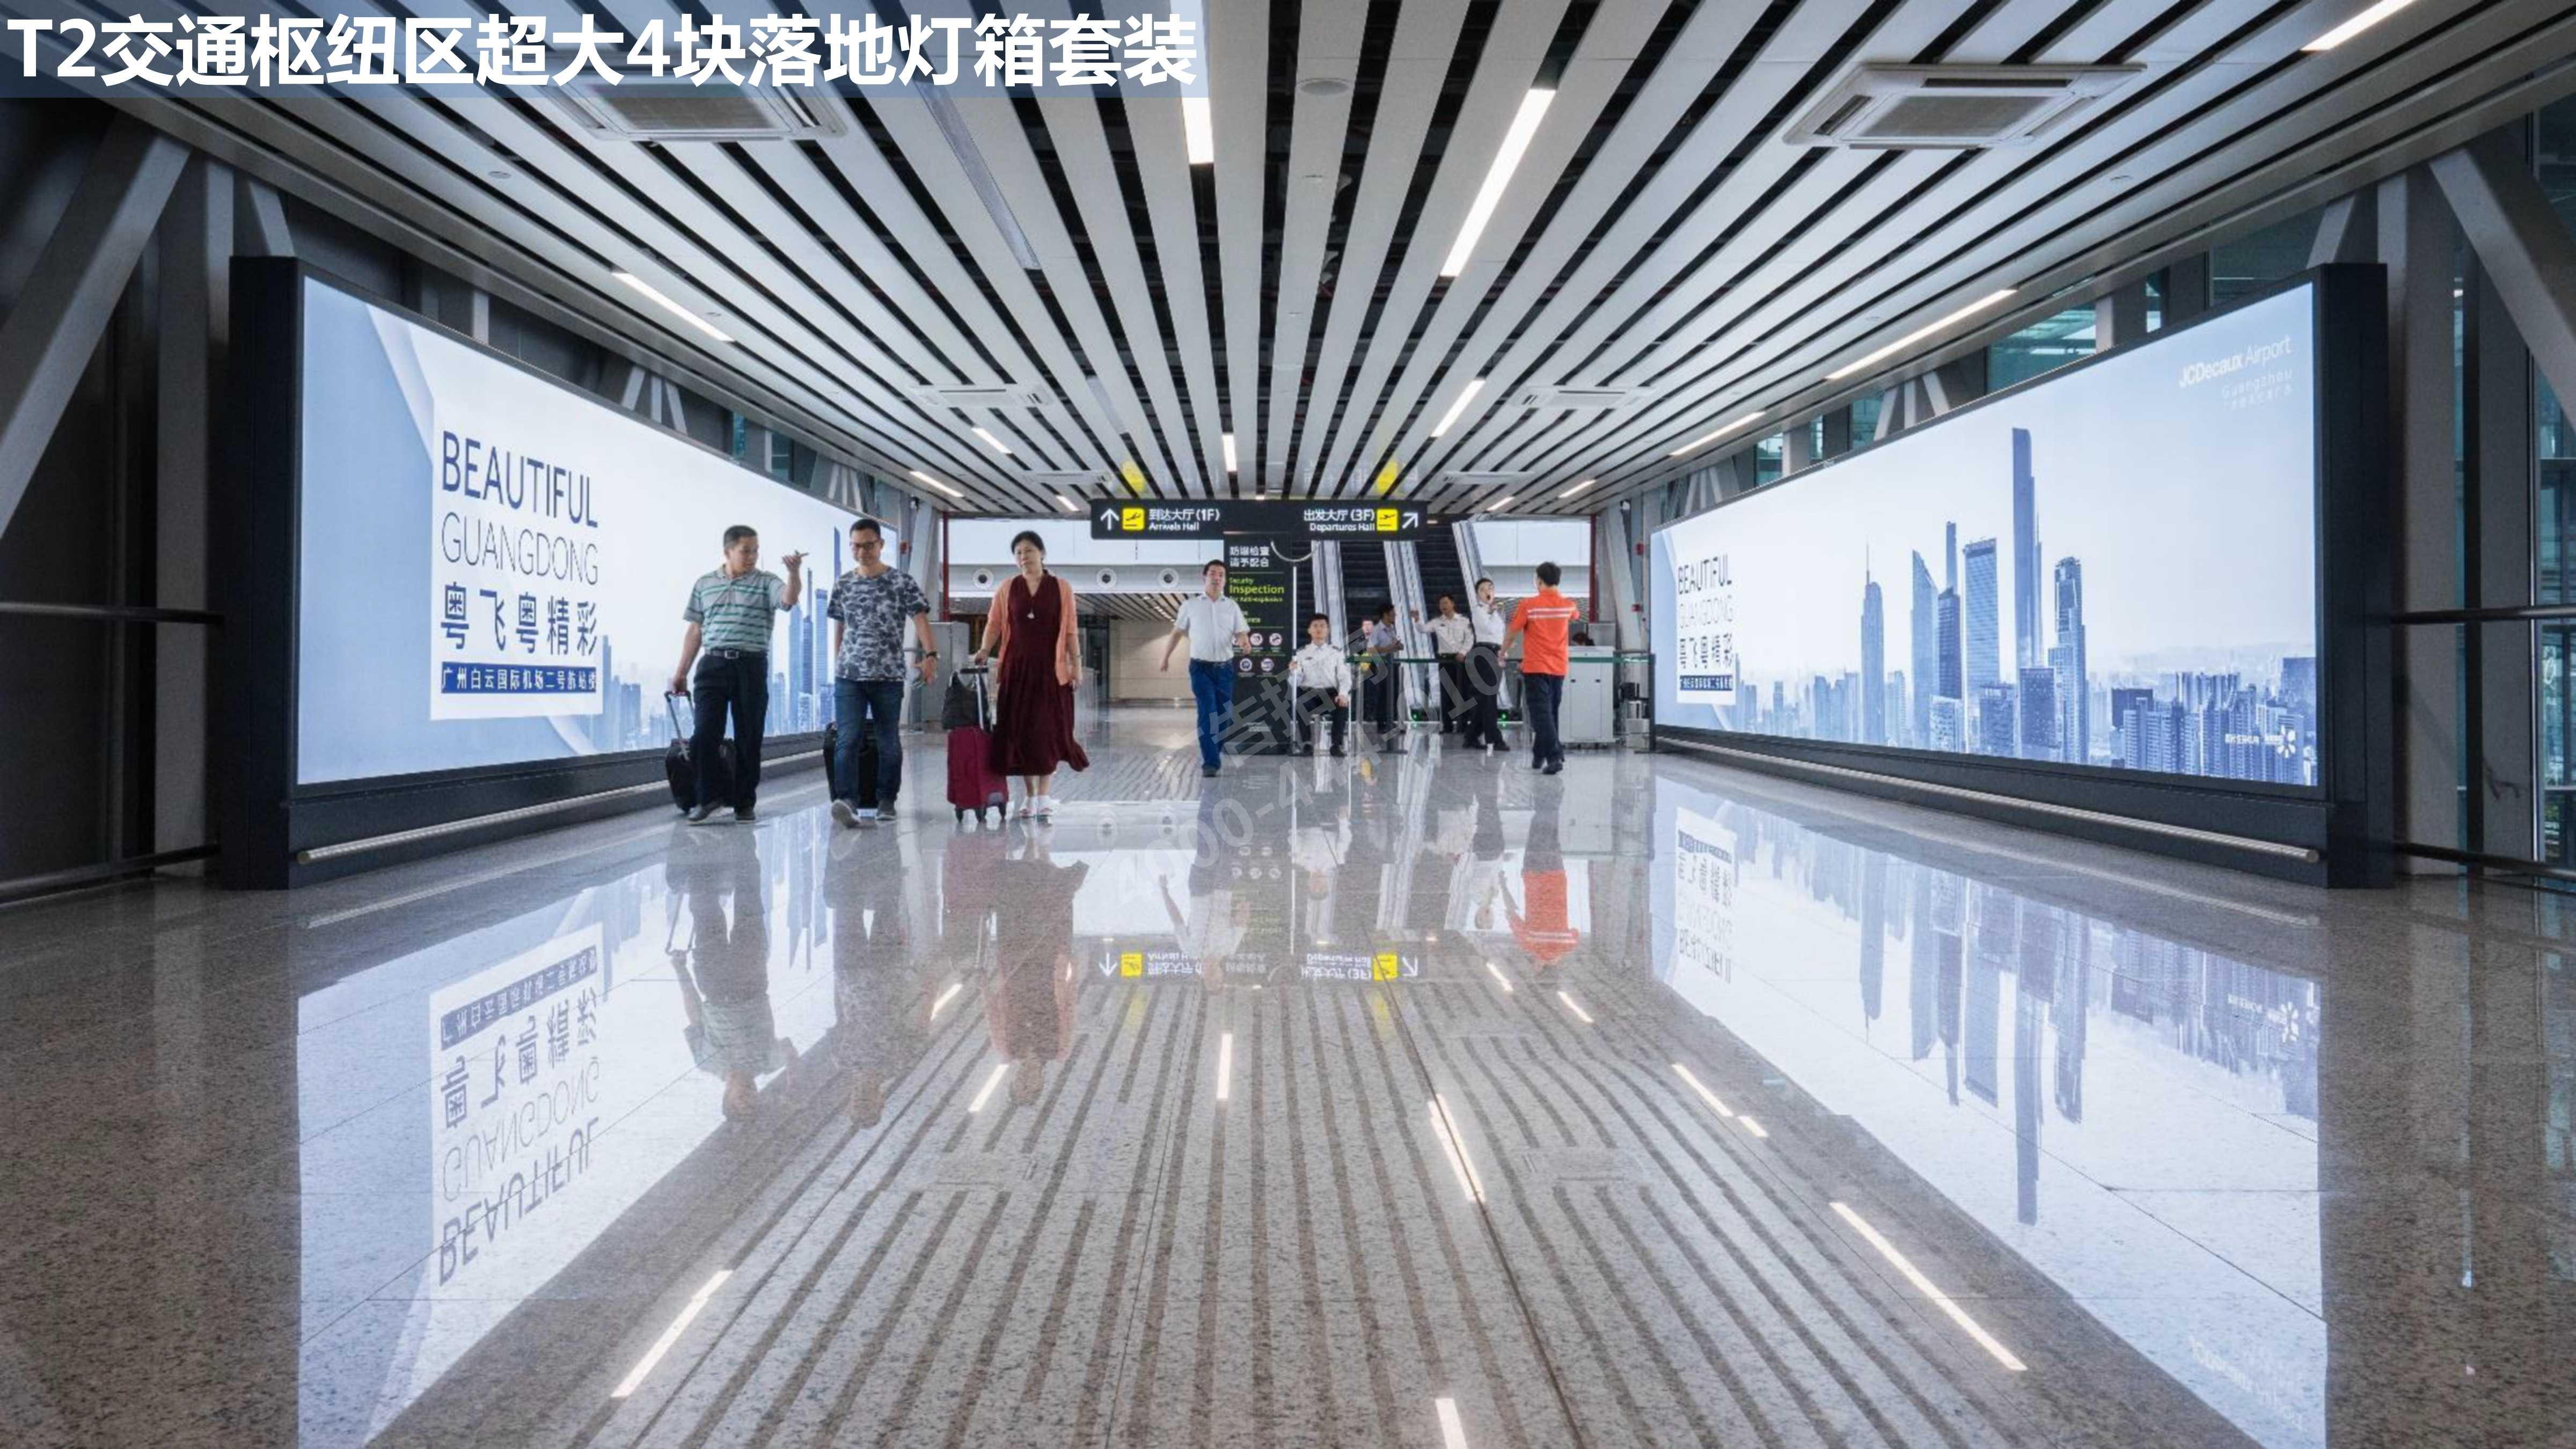 广州机场广告交通枢纽区落地灯箱